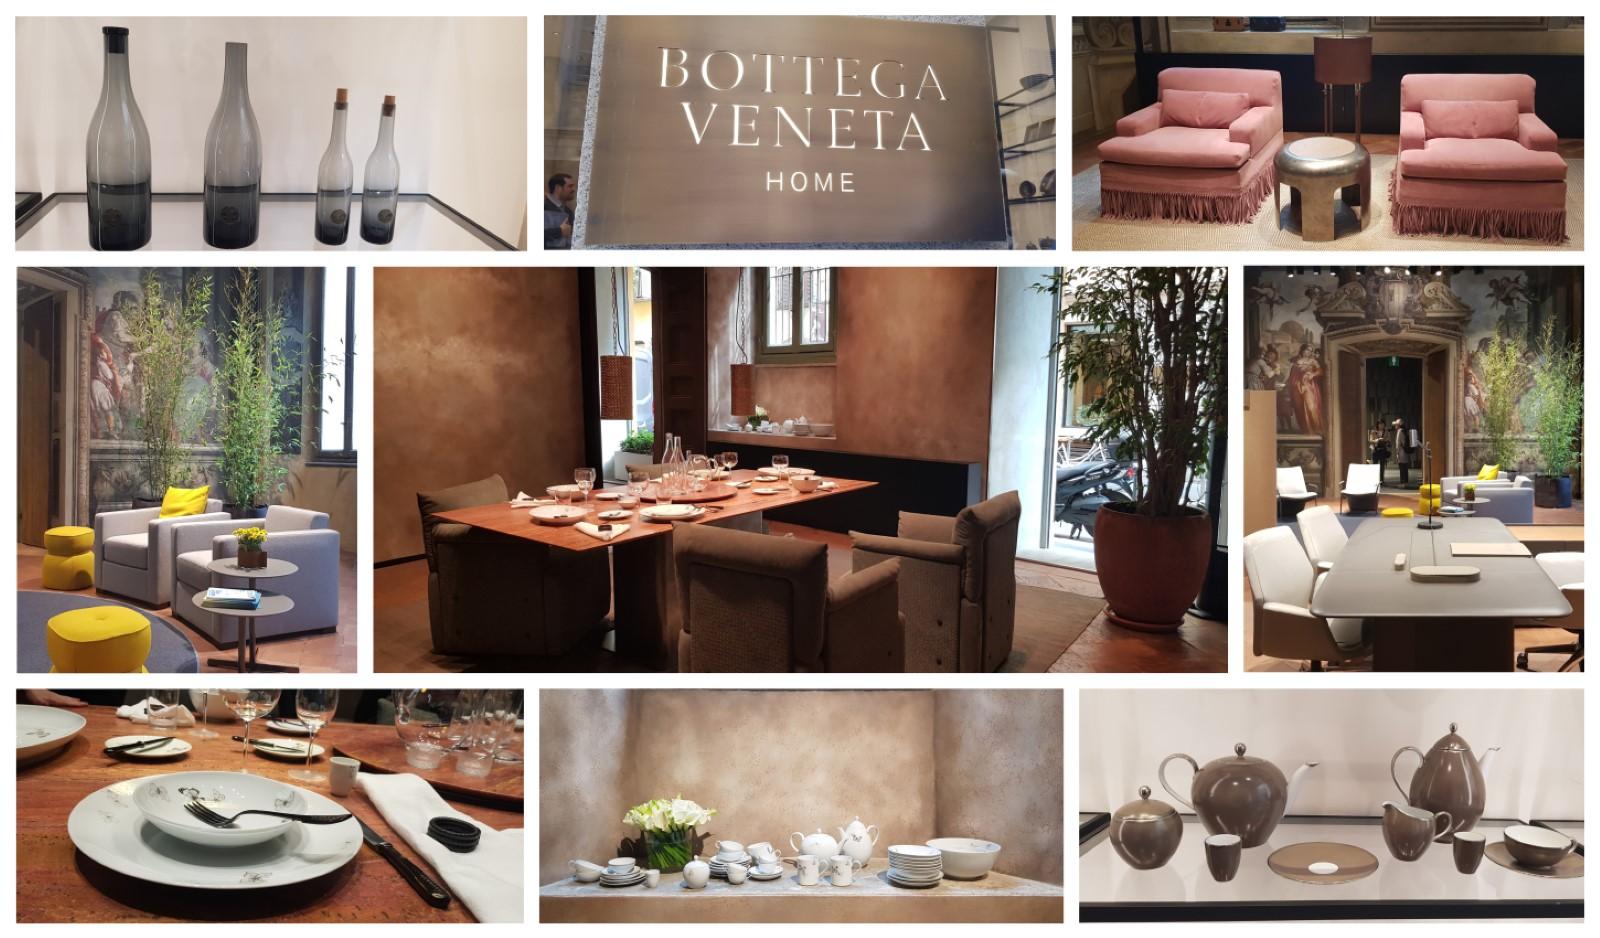 תמונות מהמיצגים של בוטגה ונטה